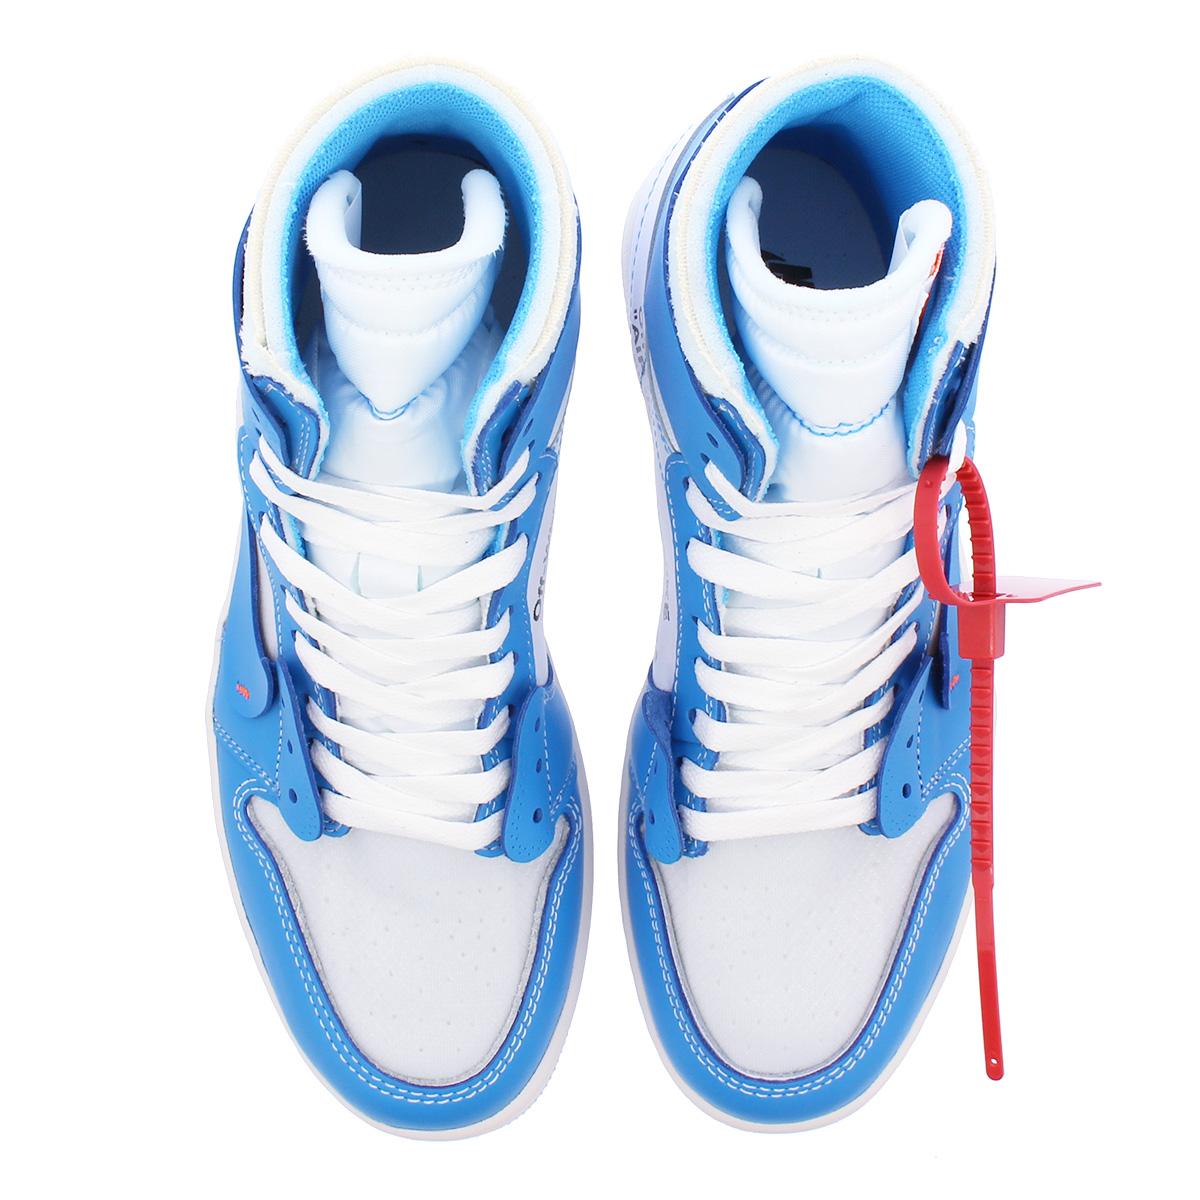 check out b2405 45d0d NIKE AIR JORDAN 1 RETRO HIGH NRG Nike Air Jordan 1 nostalgic high NRG  WHITE CONE DARK POWDER BLUE aq0818-148